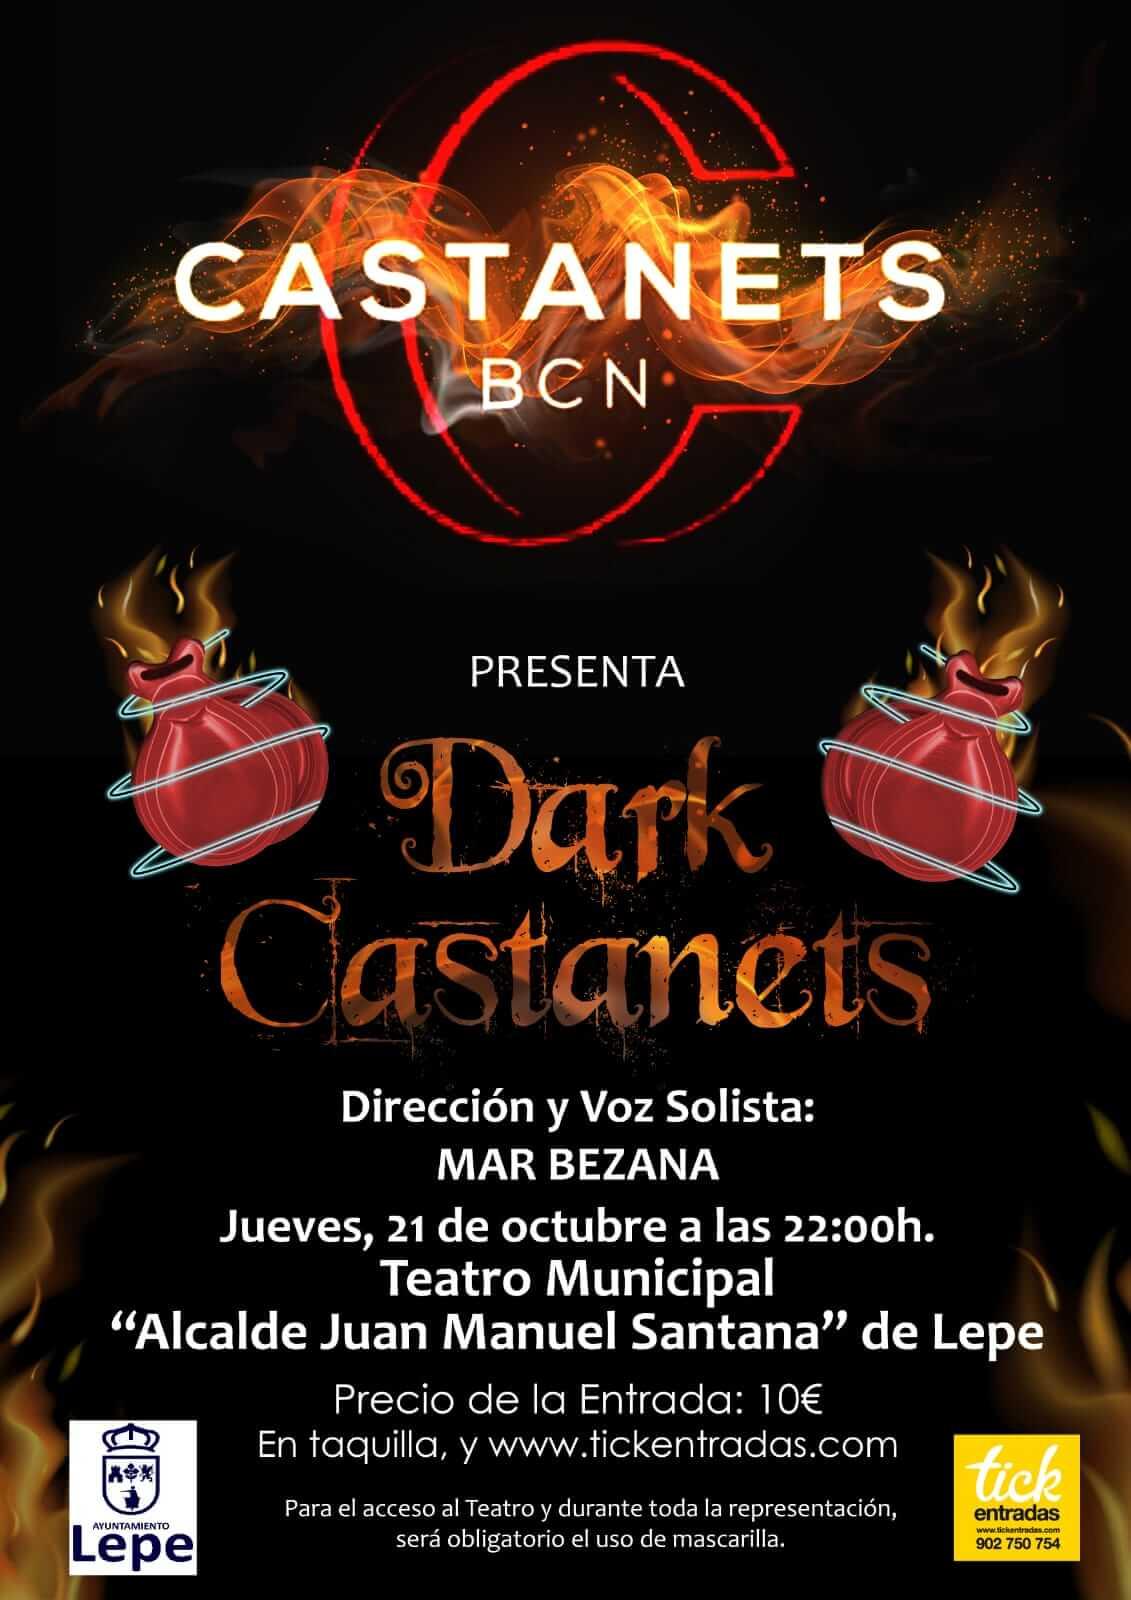 Concierto DARK CASTANETS de CASTANETS BCN en el Teatro Municipal de Lepe